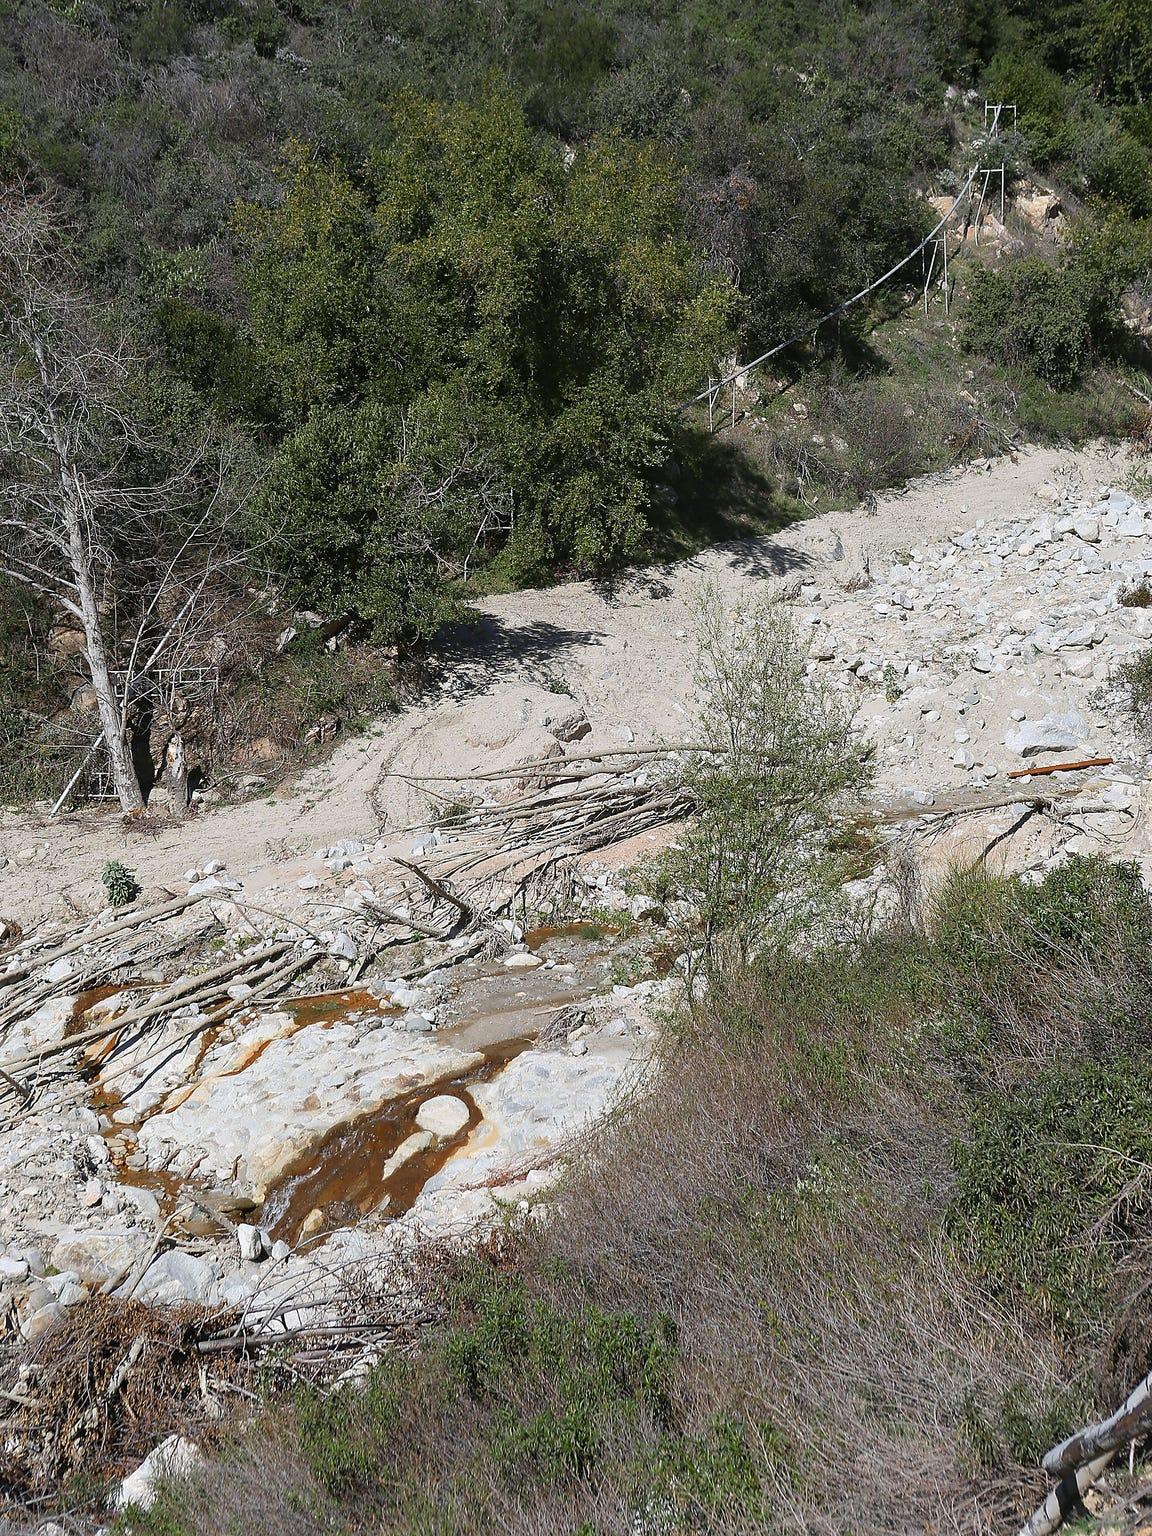 A water pipeline runs alongside Strawberry Creek in